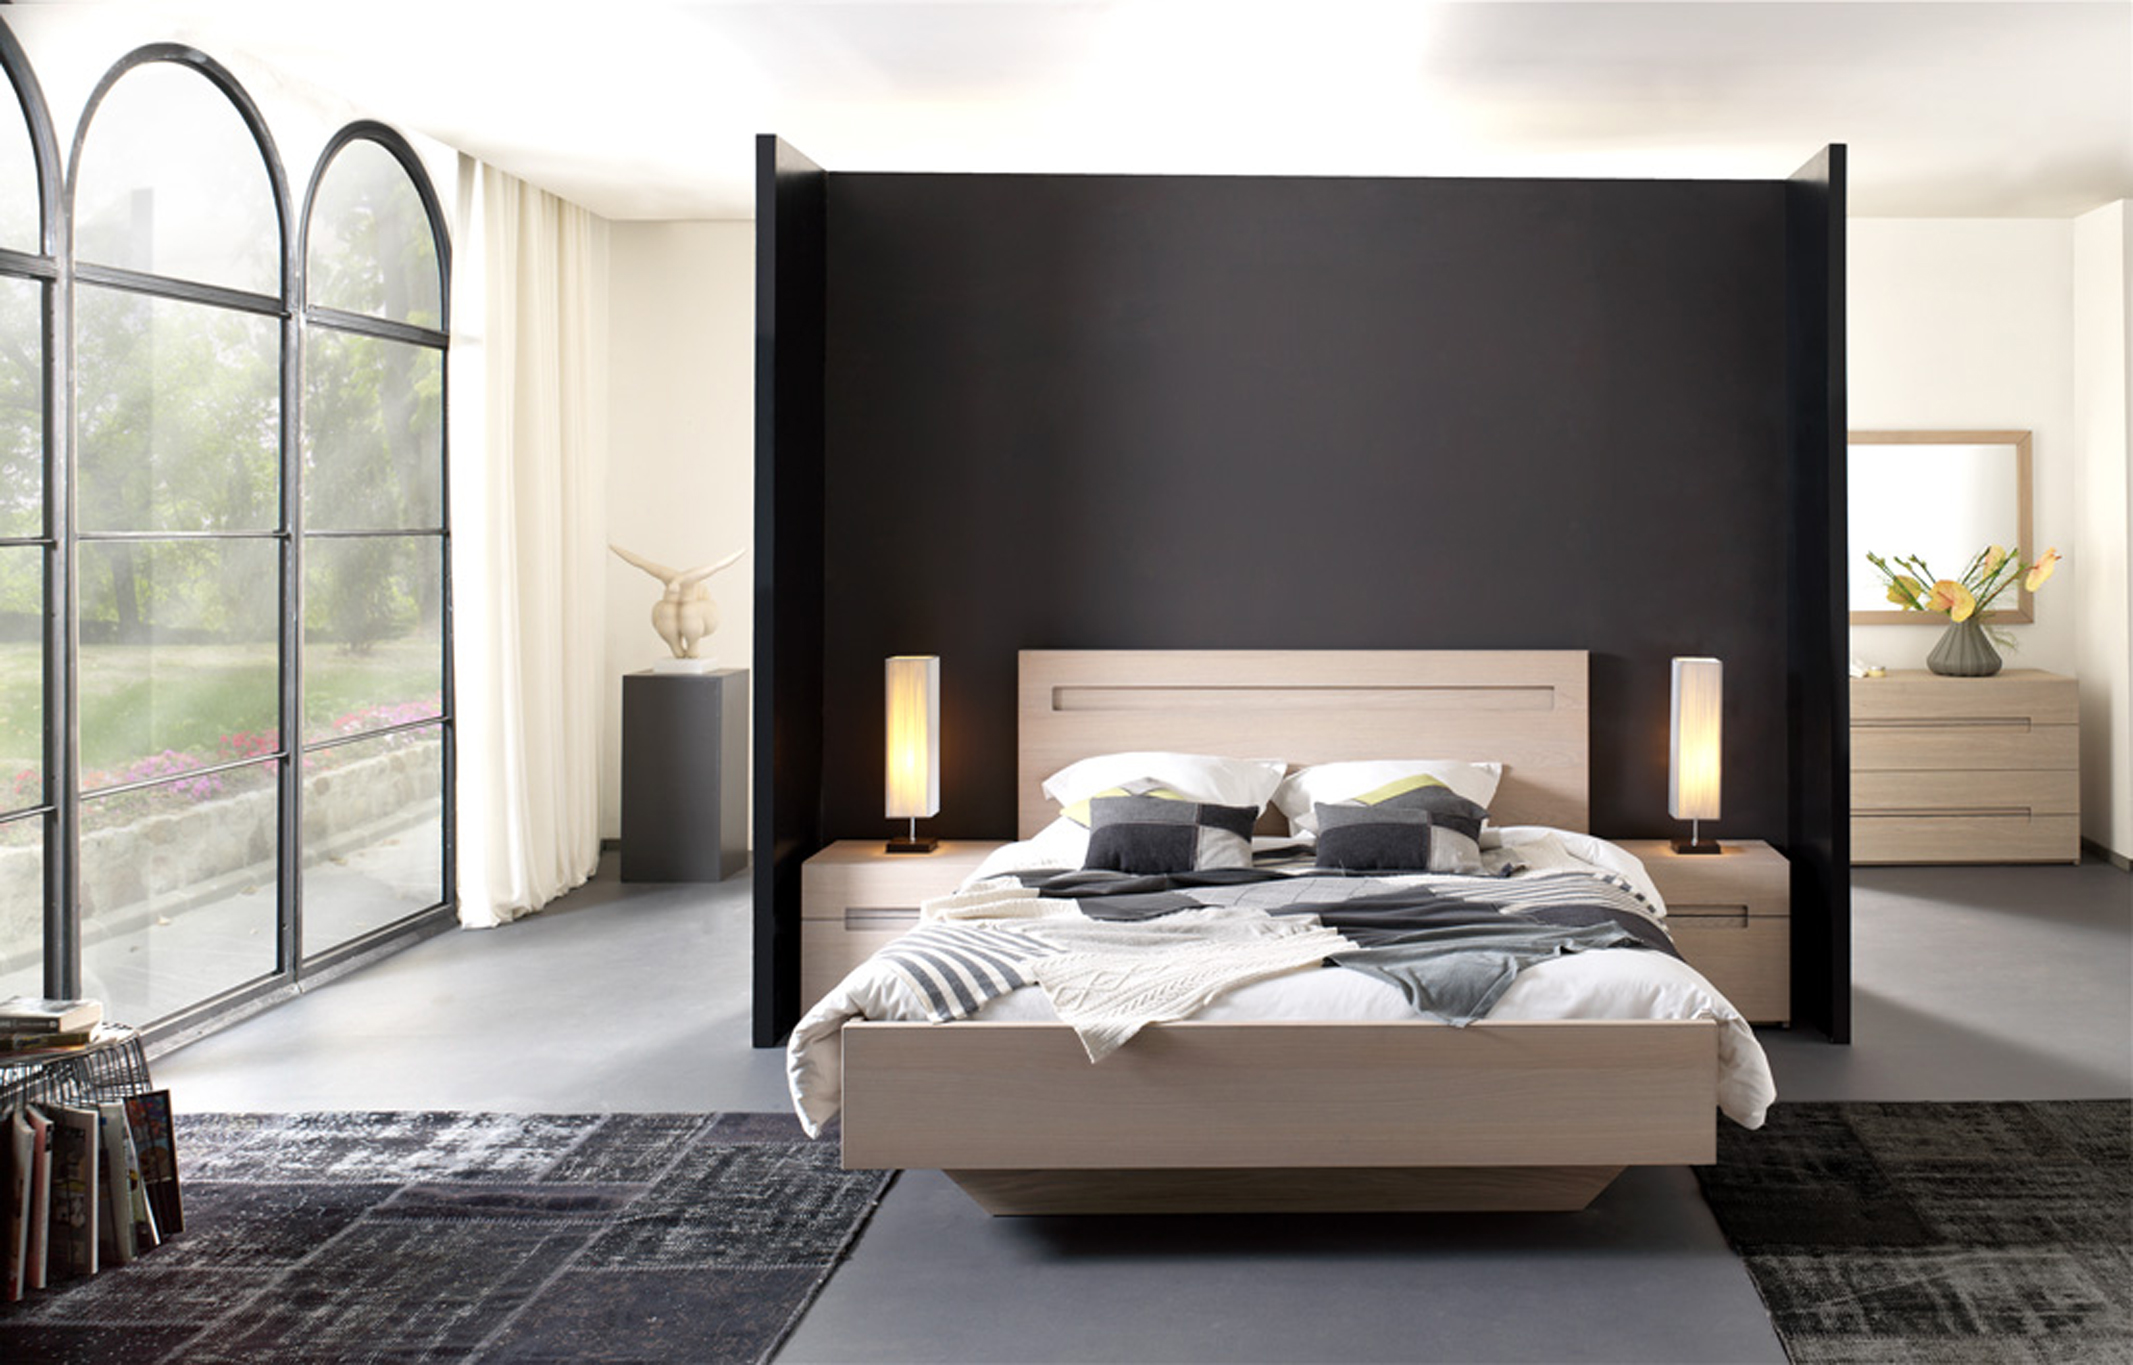 Slaapkamer Minima - Collectie | kasten tafels bedden fauteuils ...